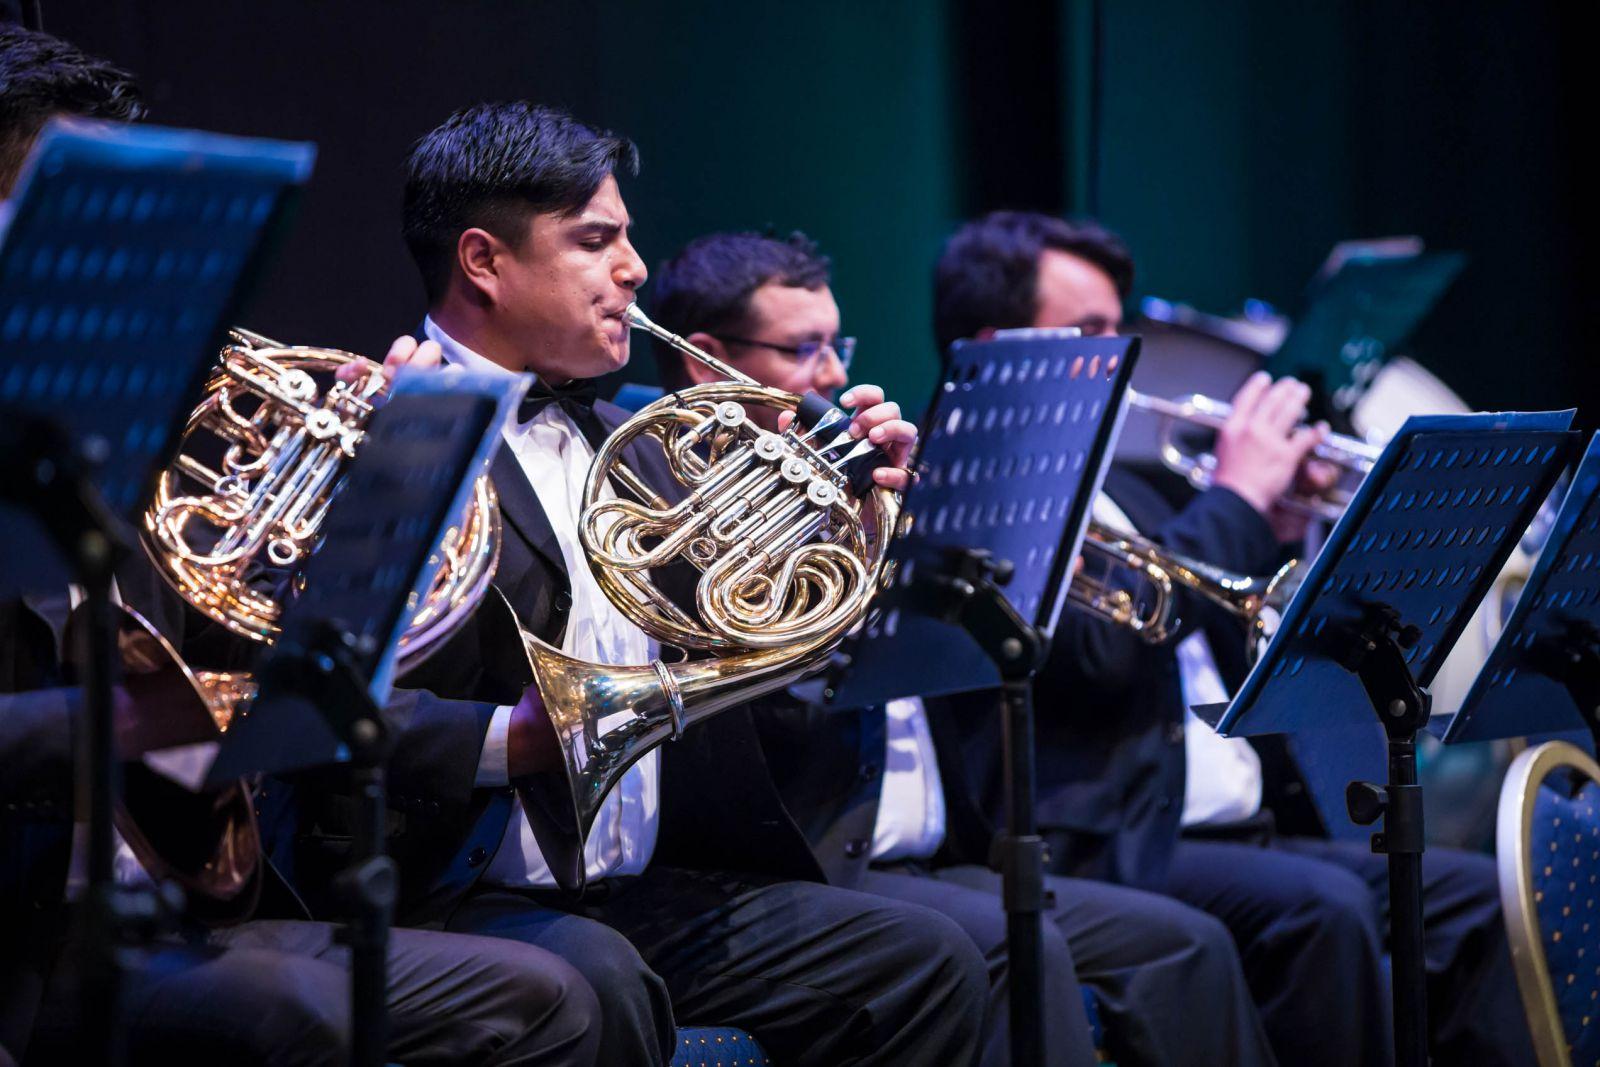 segunda-convocatoria-para-sumar-a-nuevos-musicos-a-la-orquesta-sinfonica-de-antofagasta